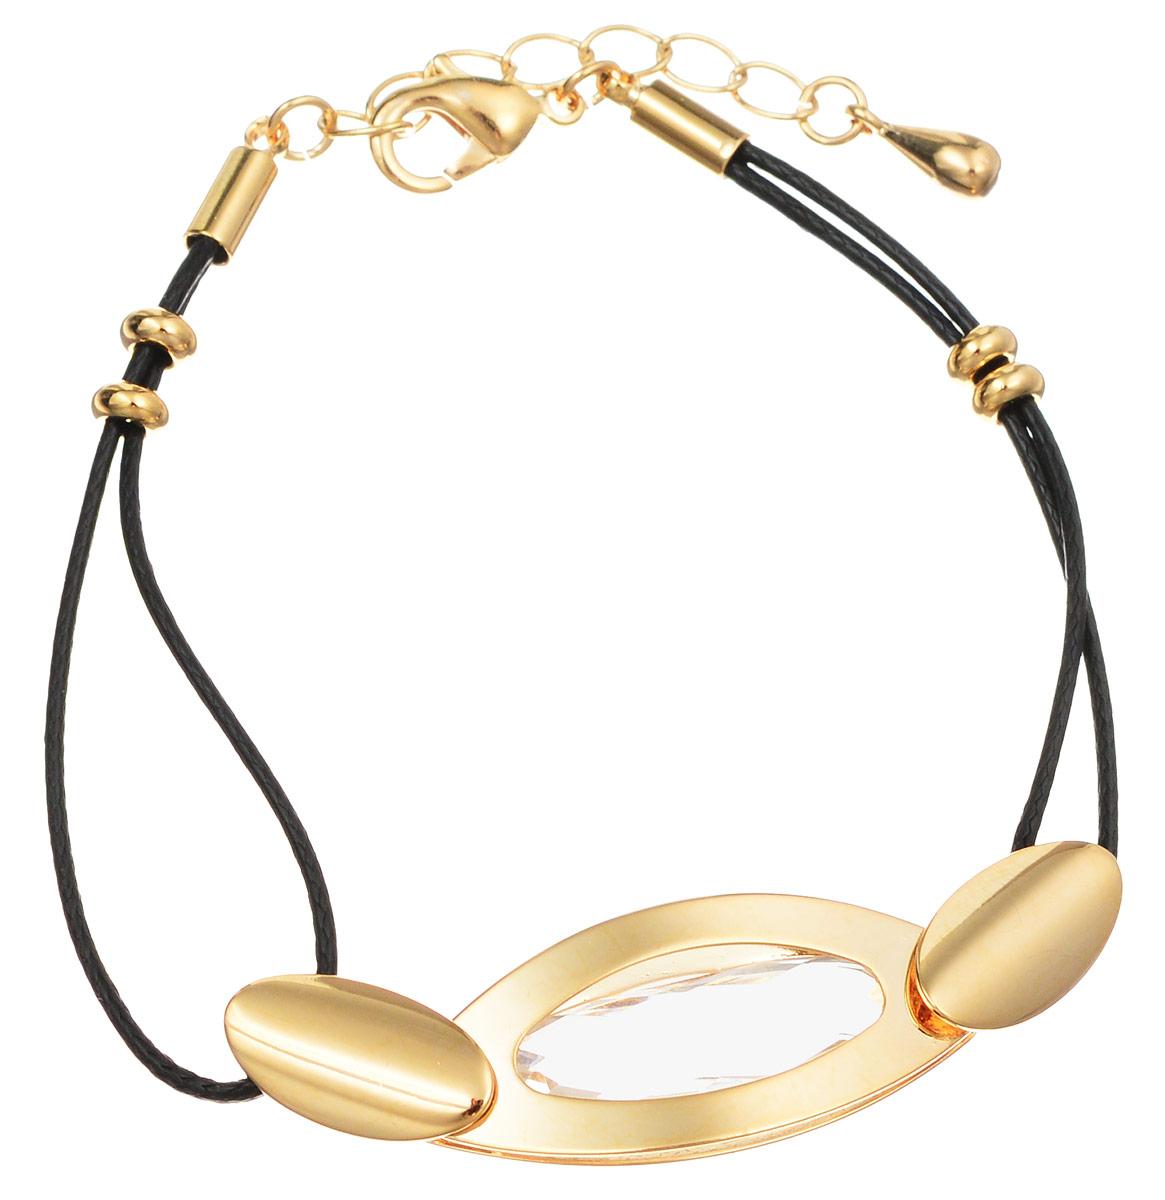 Браслет Art-Silver, цвет: черный, золотистый. 015820-462. Размер 18015820-462Лаконичный женский браслет выполнен из тоненьких кожаных шнурков, оформленных декоративным элементом из бижутерного сплава со вставкой из кубического циркона. Браслет застегивается при помощи застежки-карабина с регулирующей длину цепочкой, благодаря которой браслет легко снимать и надевать. Необычный браслет блестяще подчеркнет ваш изысканный вкус и поможет внести разнообразие в привычный образ.